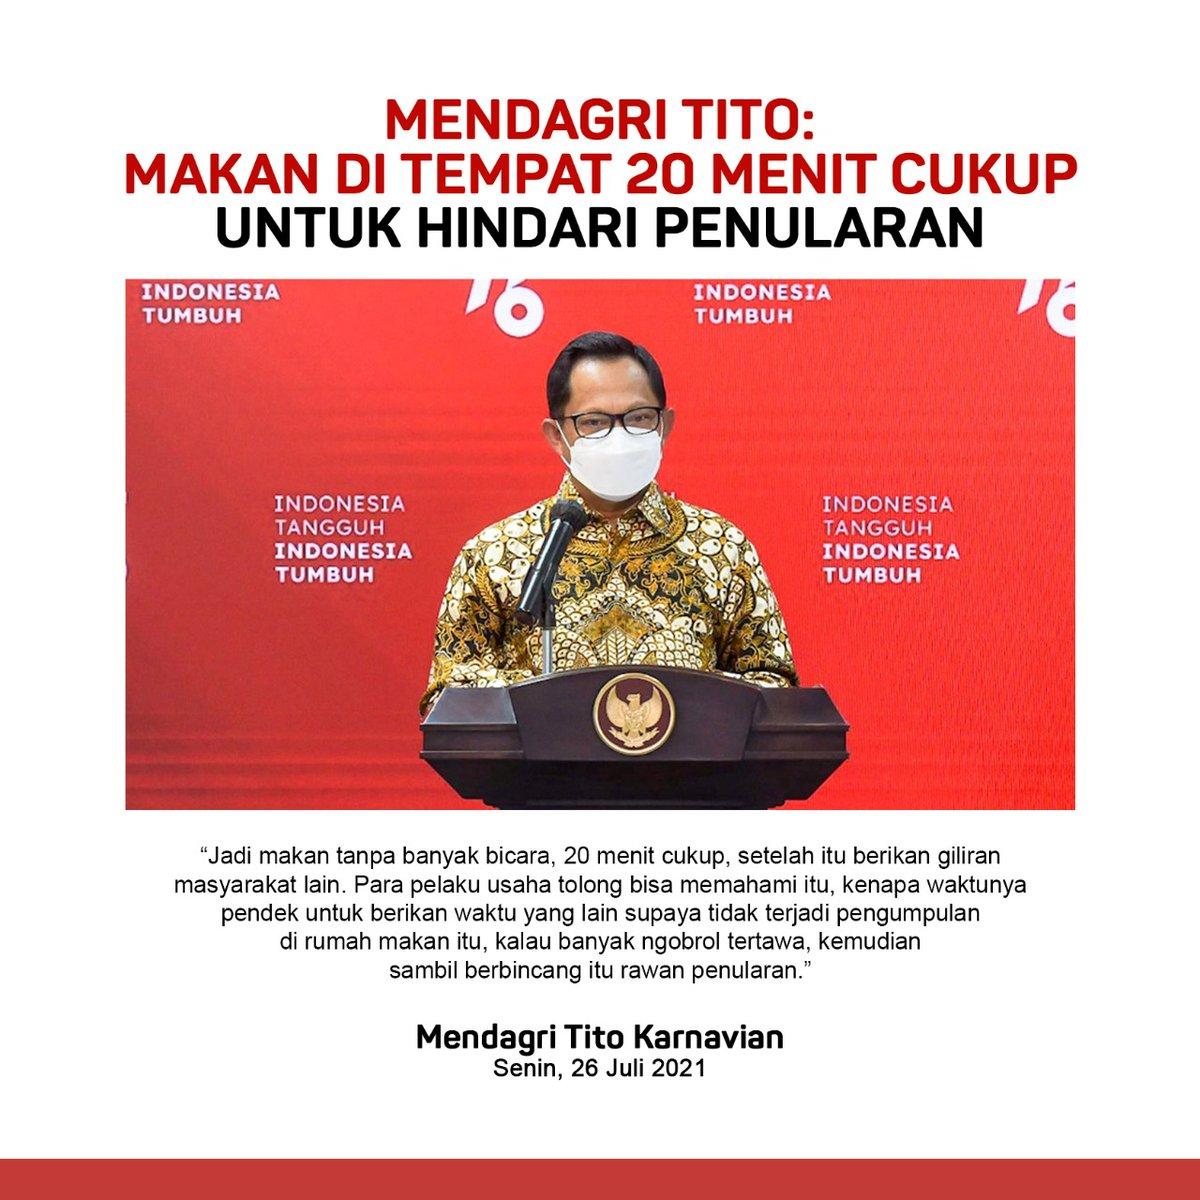 @kemendagri  Makan di tempat 20 menit cukup utk menghindari penularan lebih luas https://t.co/DlaqQgG031